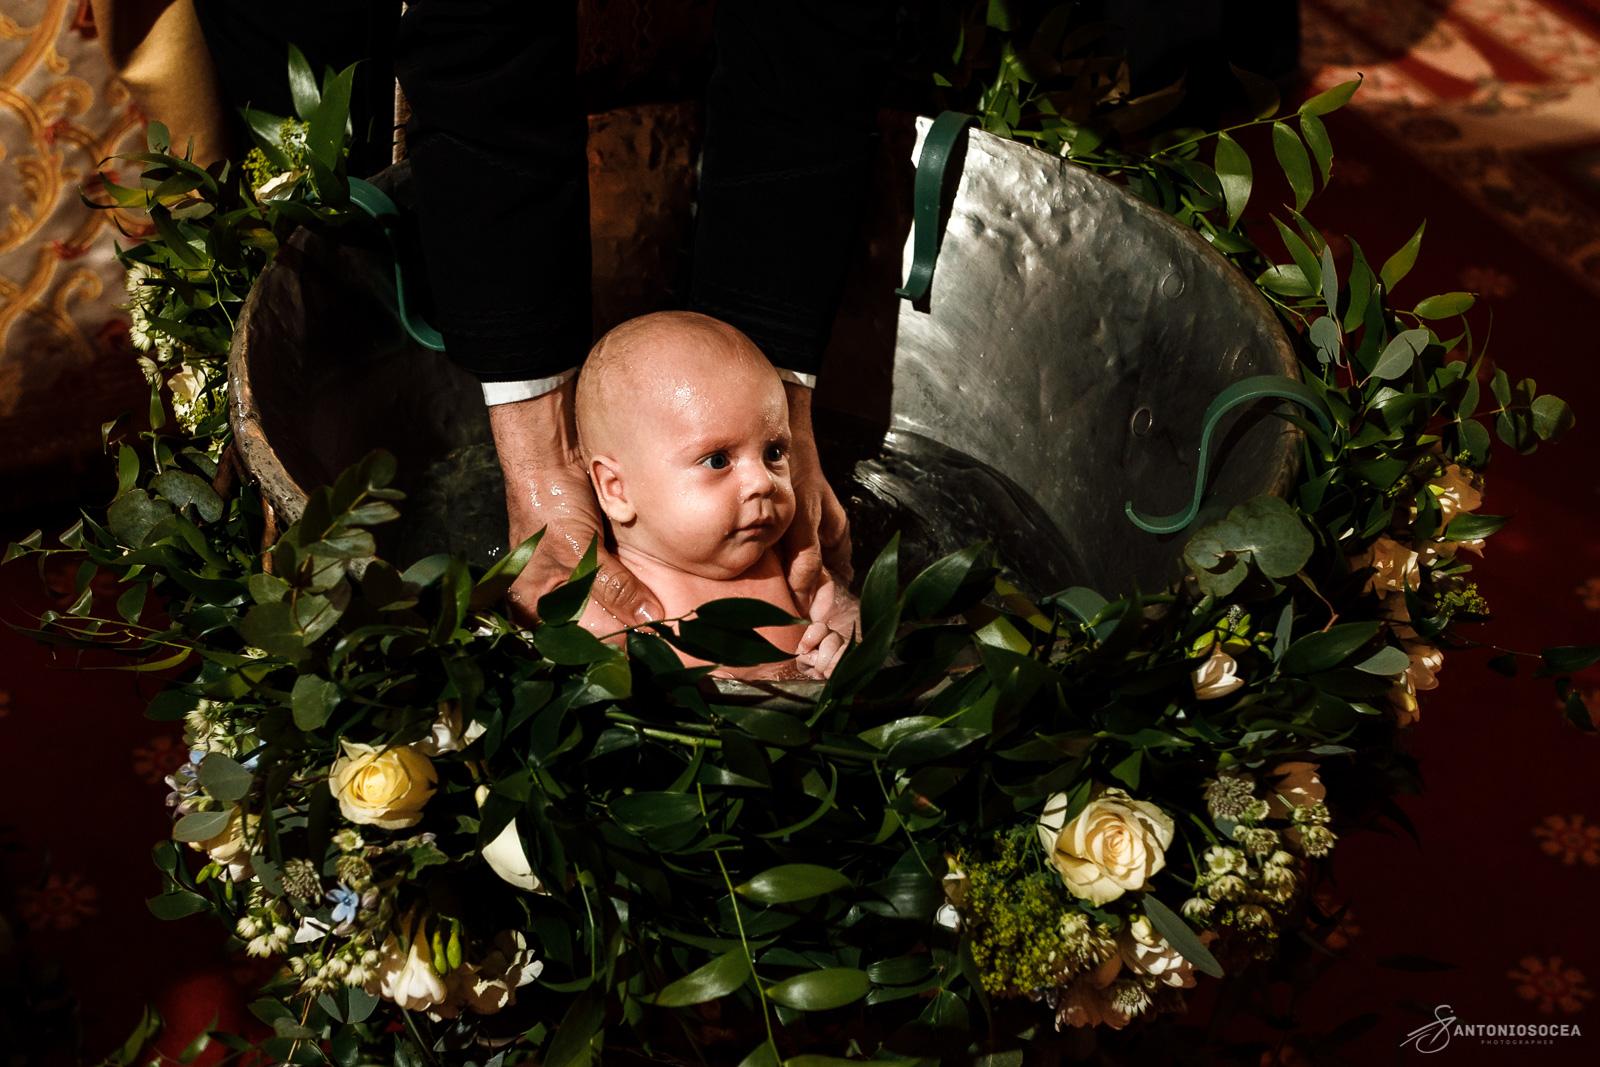 Botez Luca - Biserica Alba Calea Victoriei Bucuresti - Fotograf premium Bucuresti